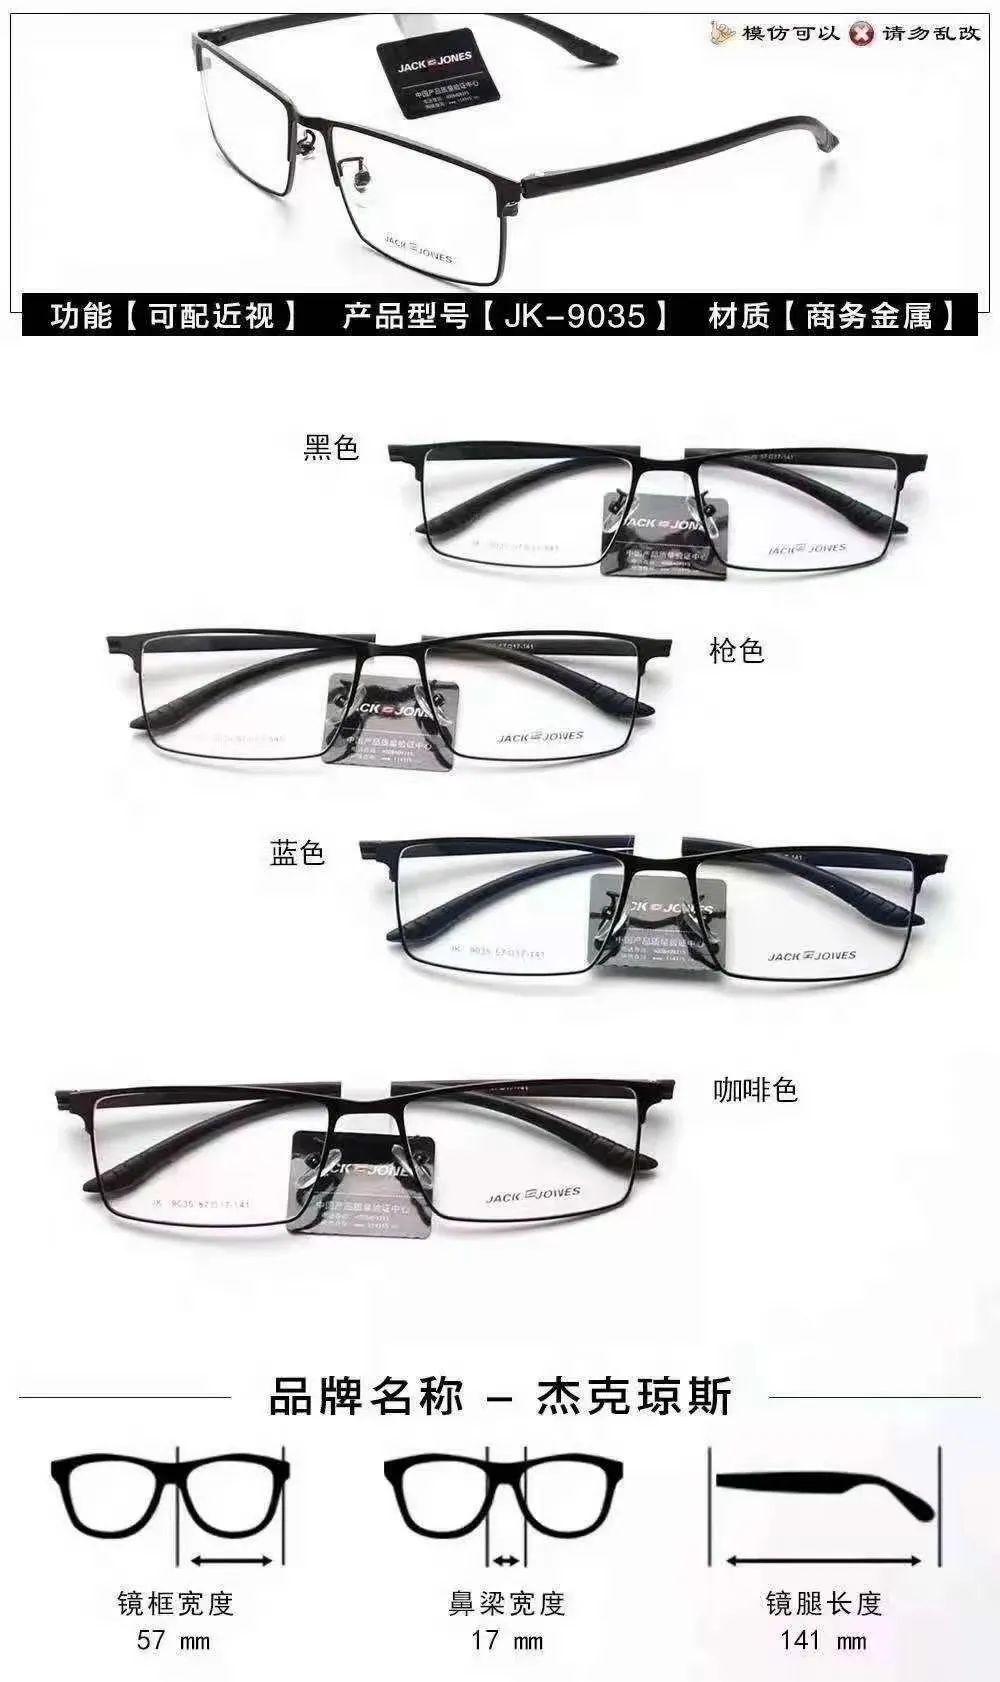 【明眸眼镜】88/158/348元得门市价458/568/1130明眸眼镜套餐,镜框+防蓝光镜片+眼镜盒一个+镜布一块+光学验光